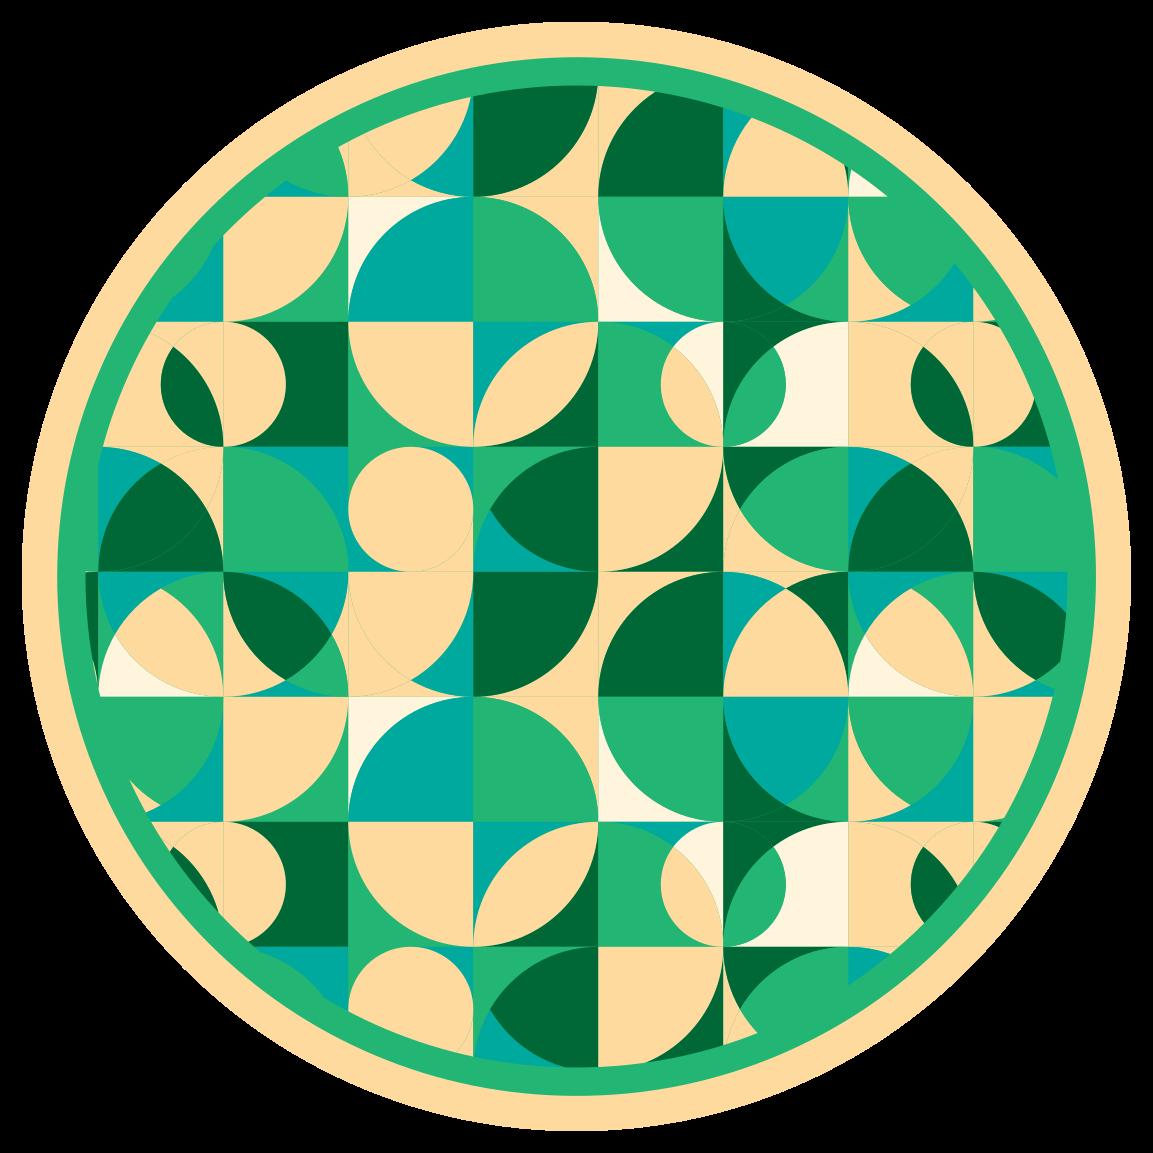 TenStickers. Covoare circulare contemporane de design verde. Vă oferim modele originale pentru a schimba aspectul casei dvs. în elegant. Aruncați o privire la acest covor circular de design verde. Livrare la domiciliu